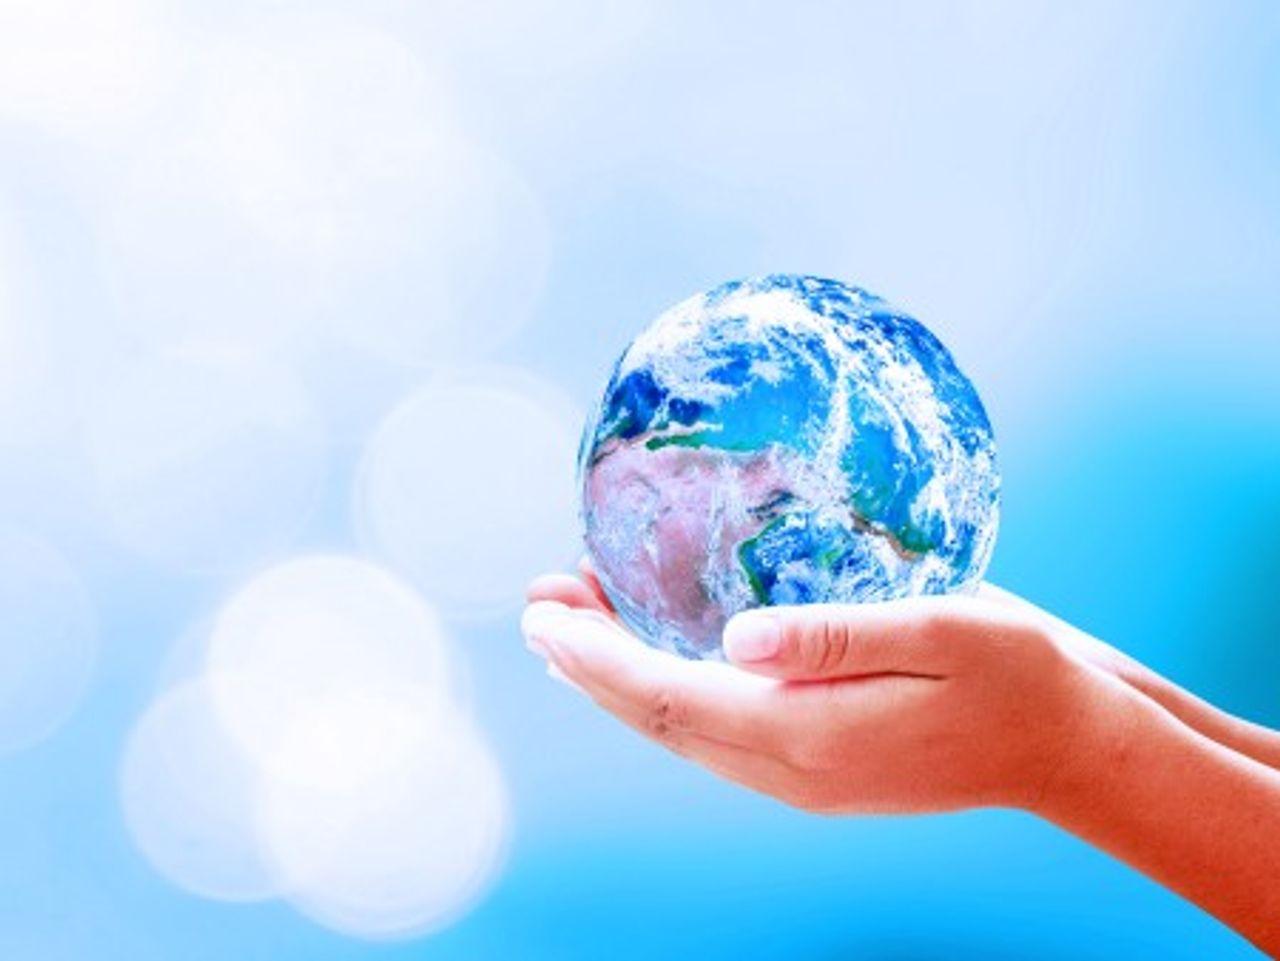 Zwei Hände halten eine Welt-Glaskugel in der Hand vor einem blauen Hintergrund